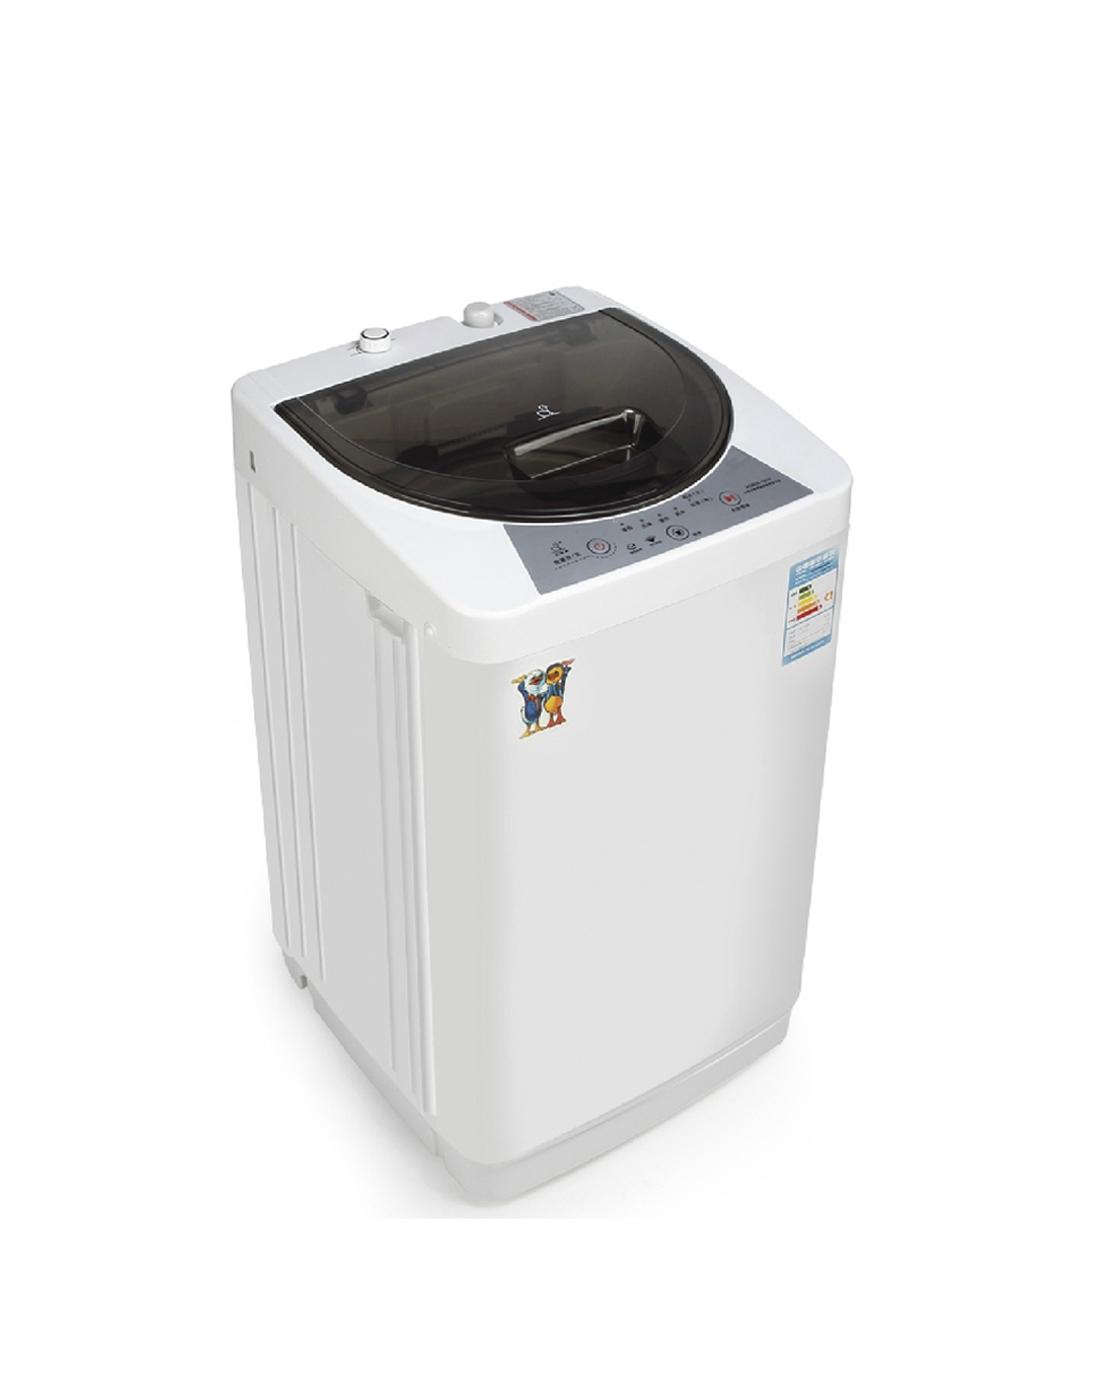 小鸭xqb35-1810迷你全自动洗衣机